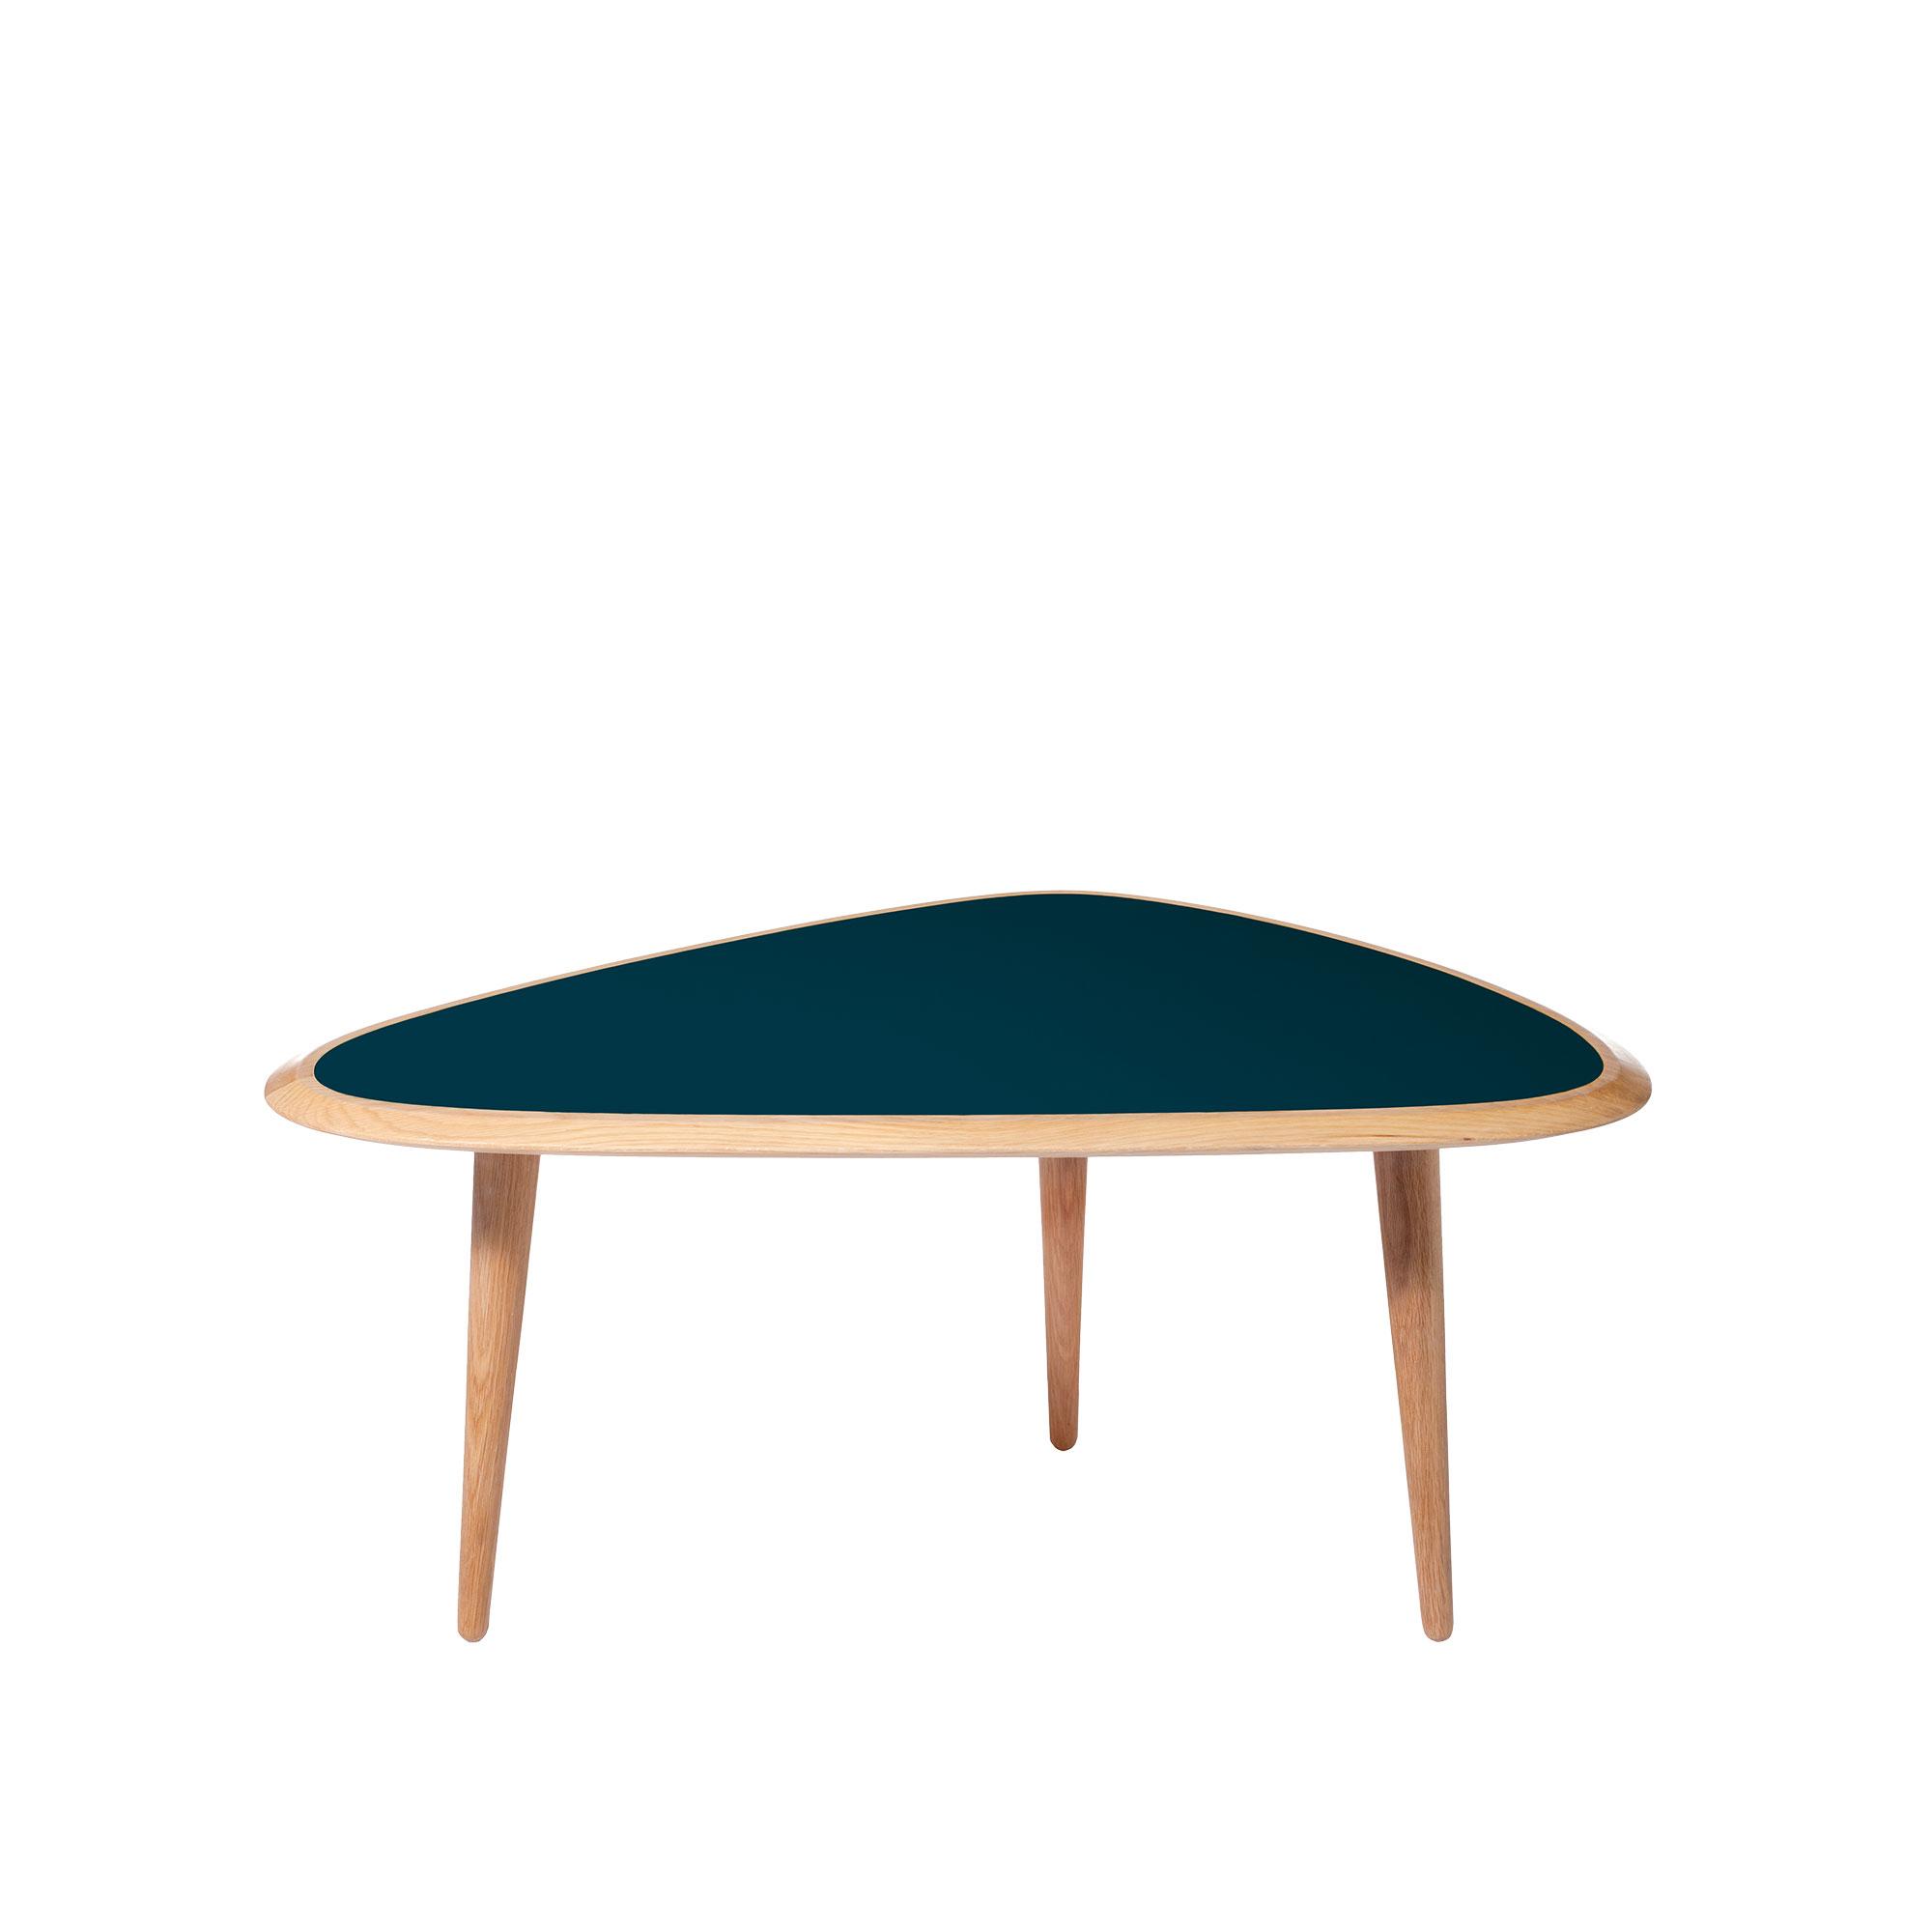 Köp Small Coffee Table Från Red Edition Nordiska Galleriet